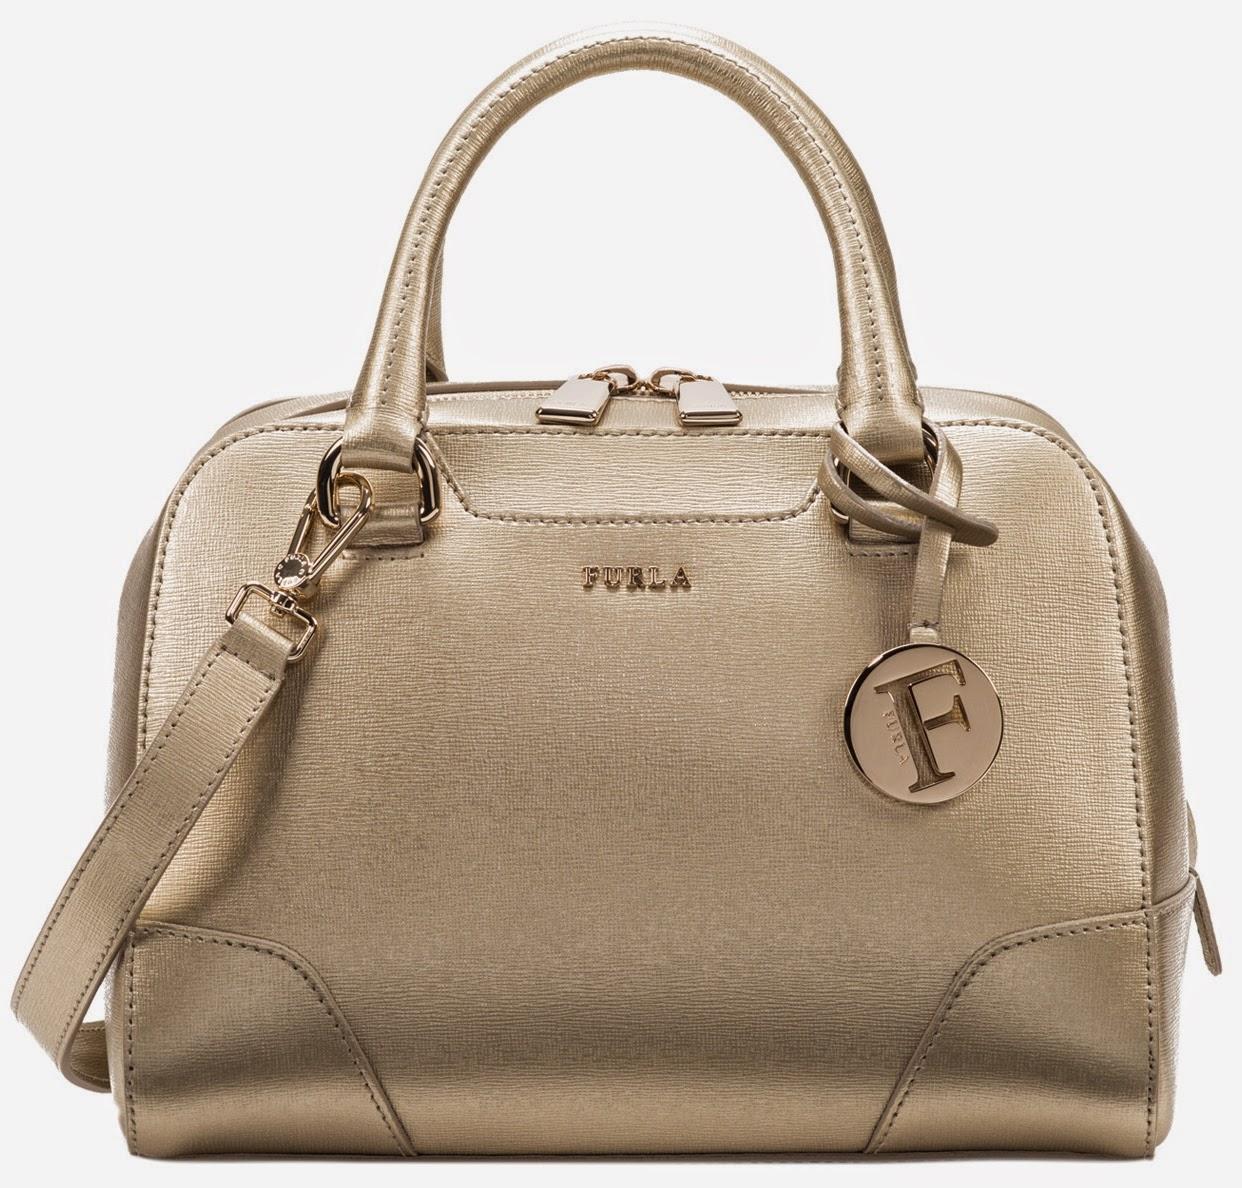 furla golden dolly satchel bag